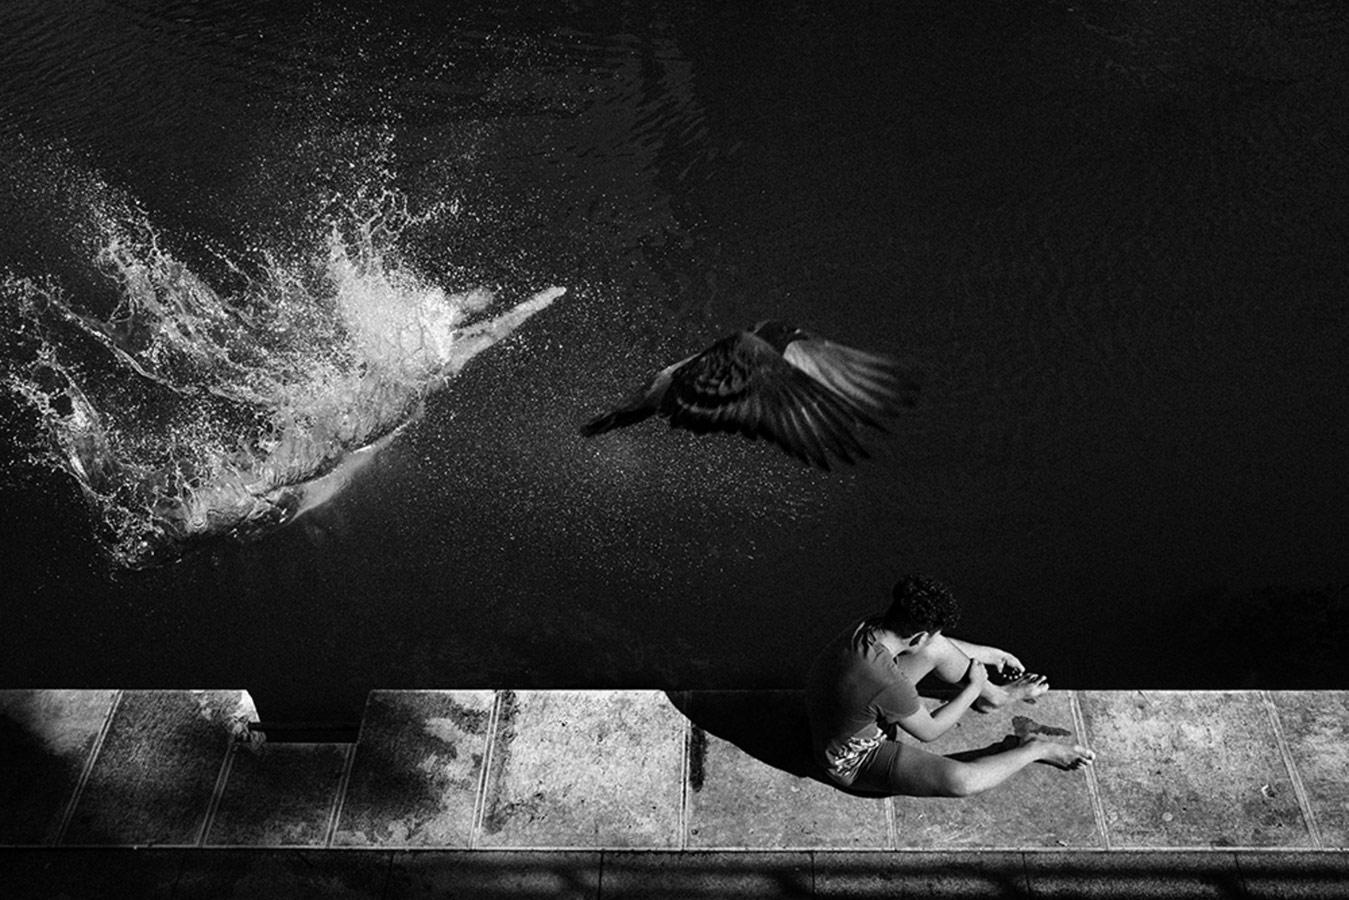 © Уго Аймар, Без названия, Победитель категории «Документальная фотография» (одиночный кадр), Конкурс уличной фотографии ASPA